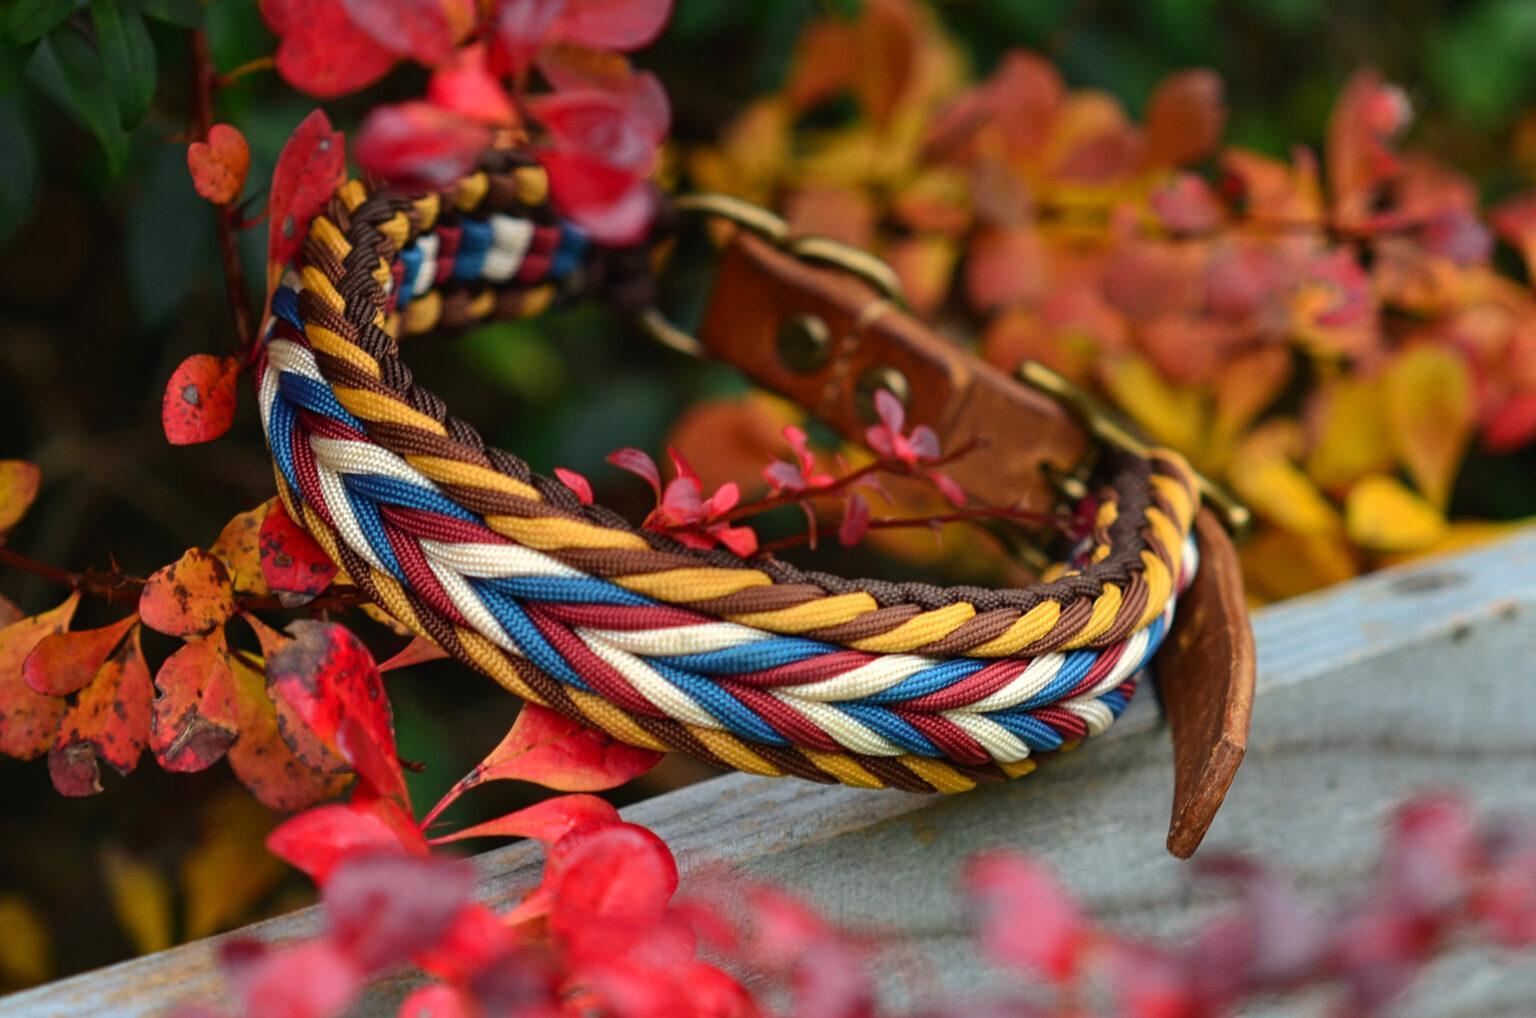 Erdige Töne im Rand und Blau, Rot Weiße Pfeilspitzen erinnern an indigene Muster.